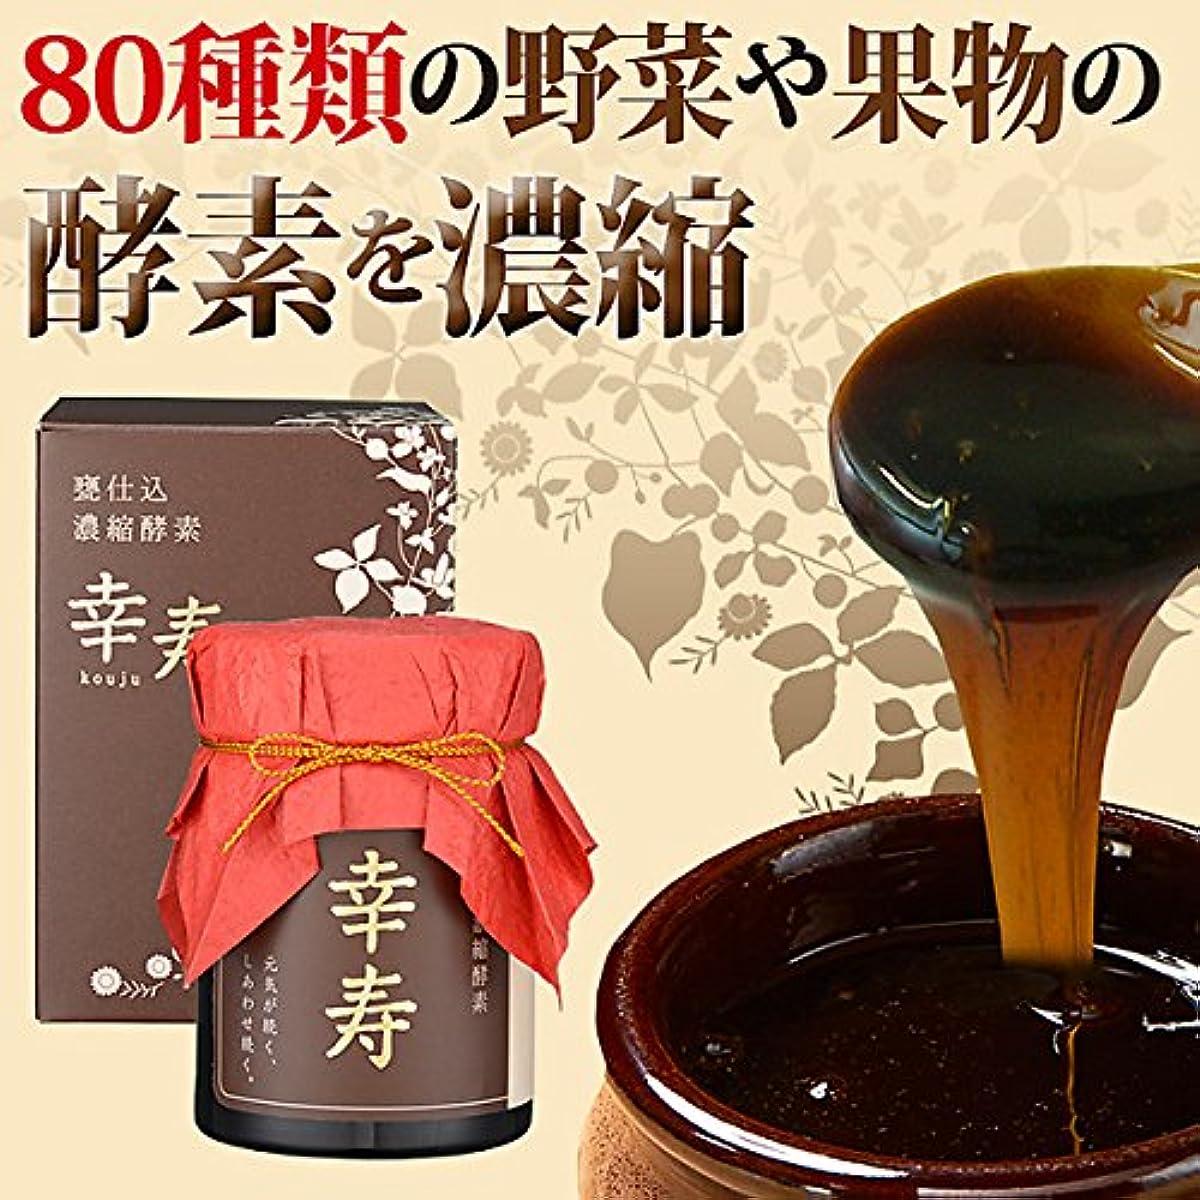 일본캐피아 식물농축 효소-80종류 식물